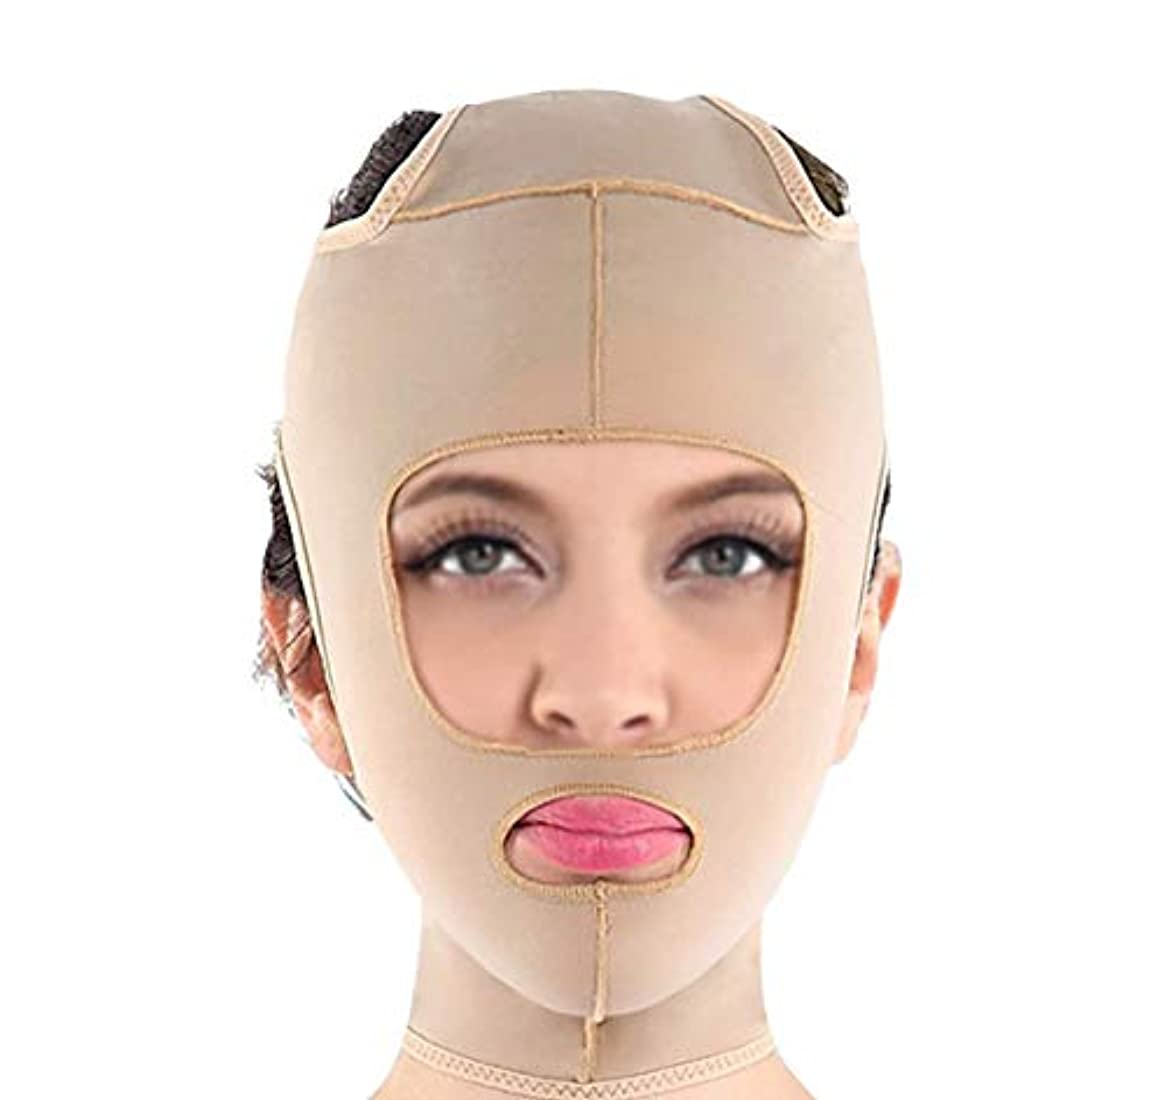 羊出発するモックフェイスリフティングマスクで肌をよりしっかりと保ち、V字型の顔を形作り、超薄型の通気性、調節可能で快適な着用感(サイズ:Xl),S